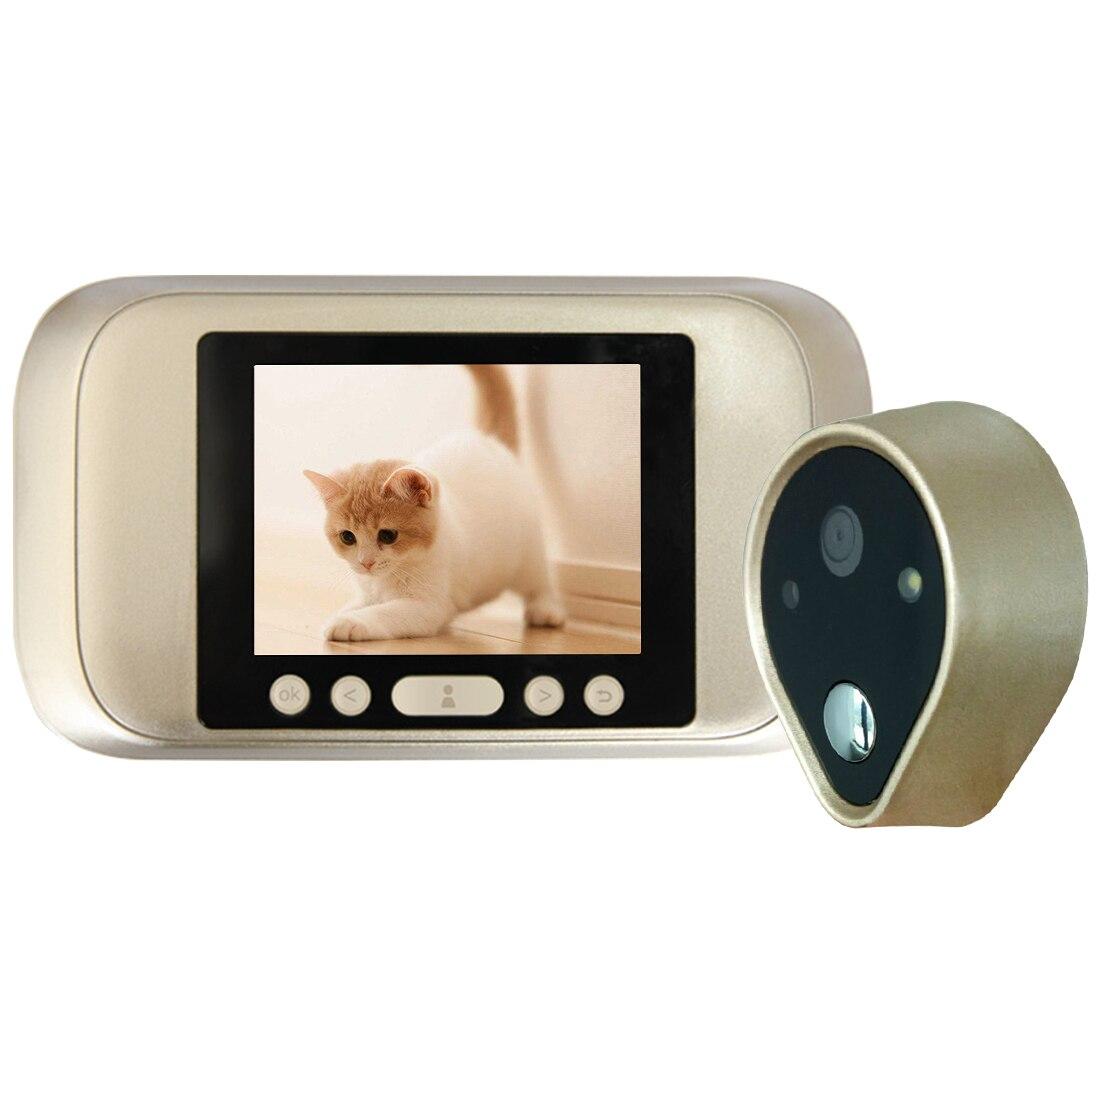 720P HD Video 1.3.2 Inch LCD Electronic Door Bell Digital Peephole Viewer Door Camera Doorbell Home Security Mini Camera